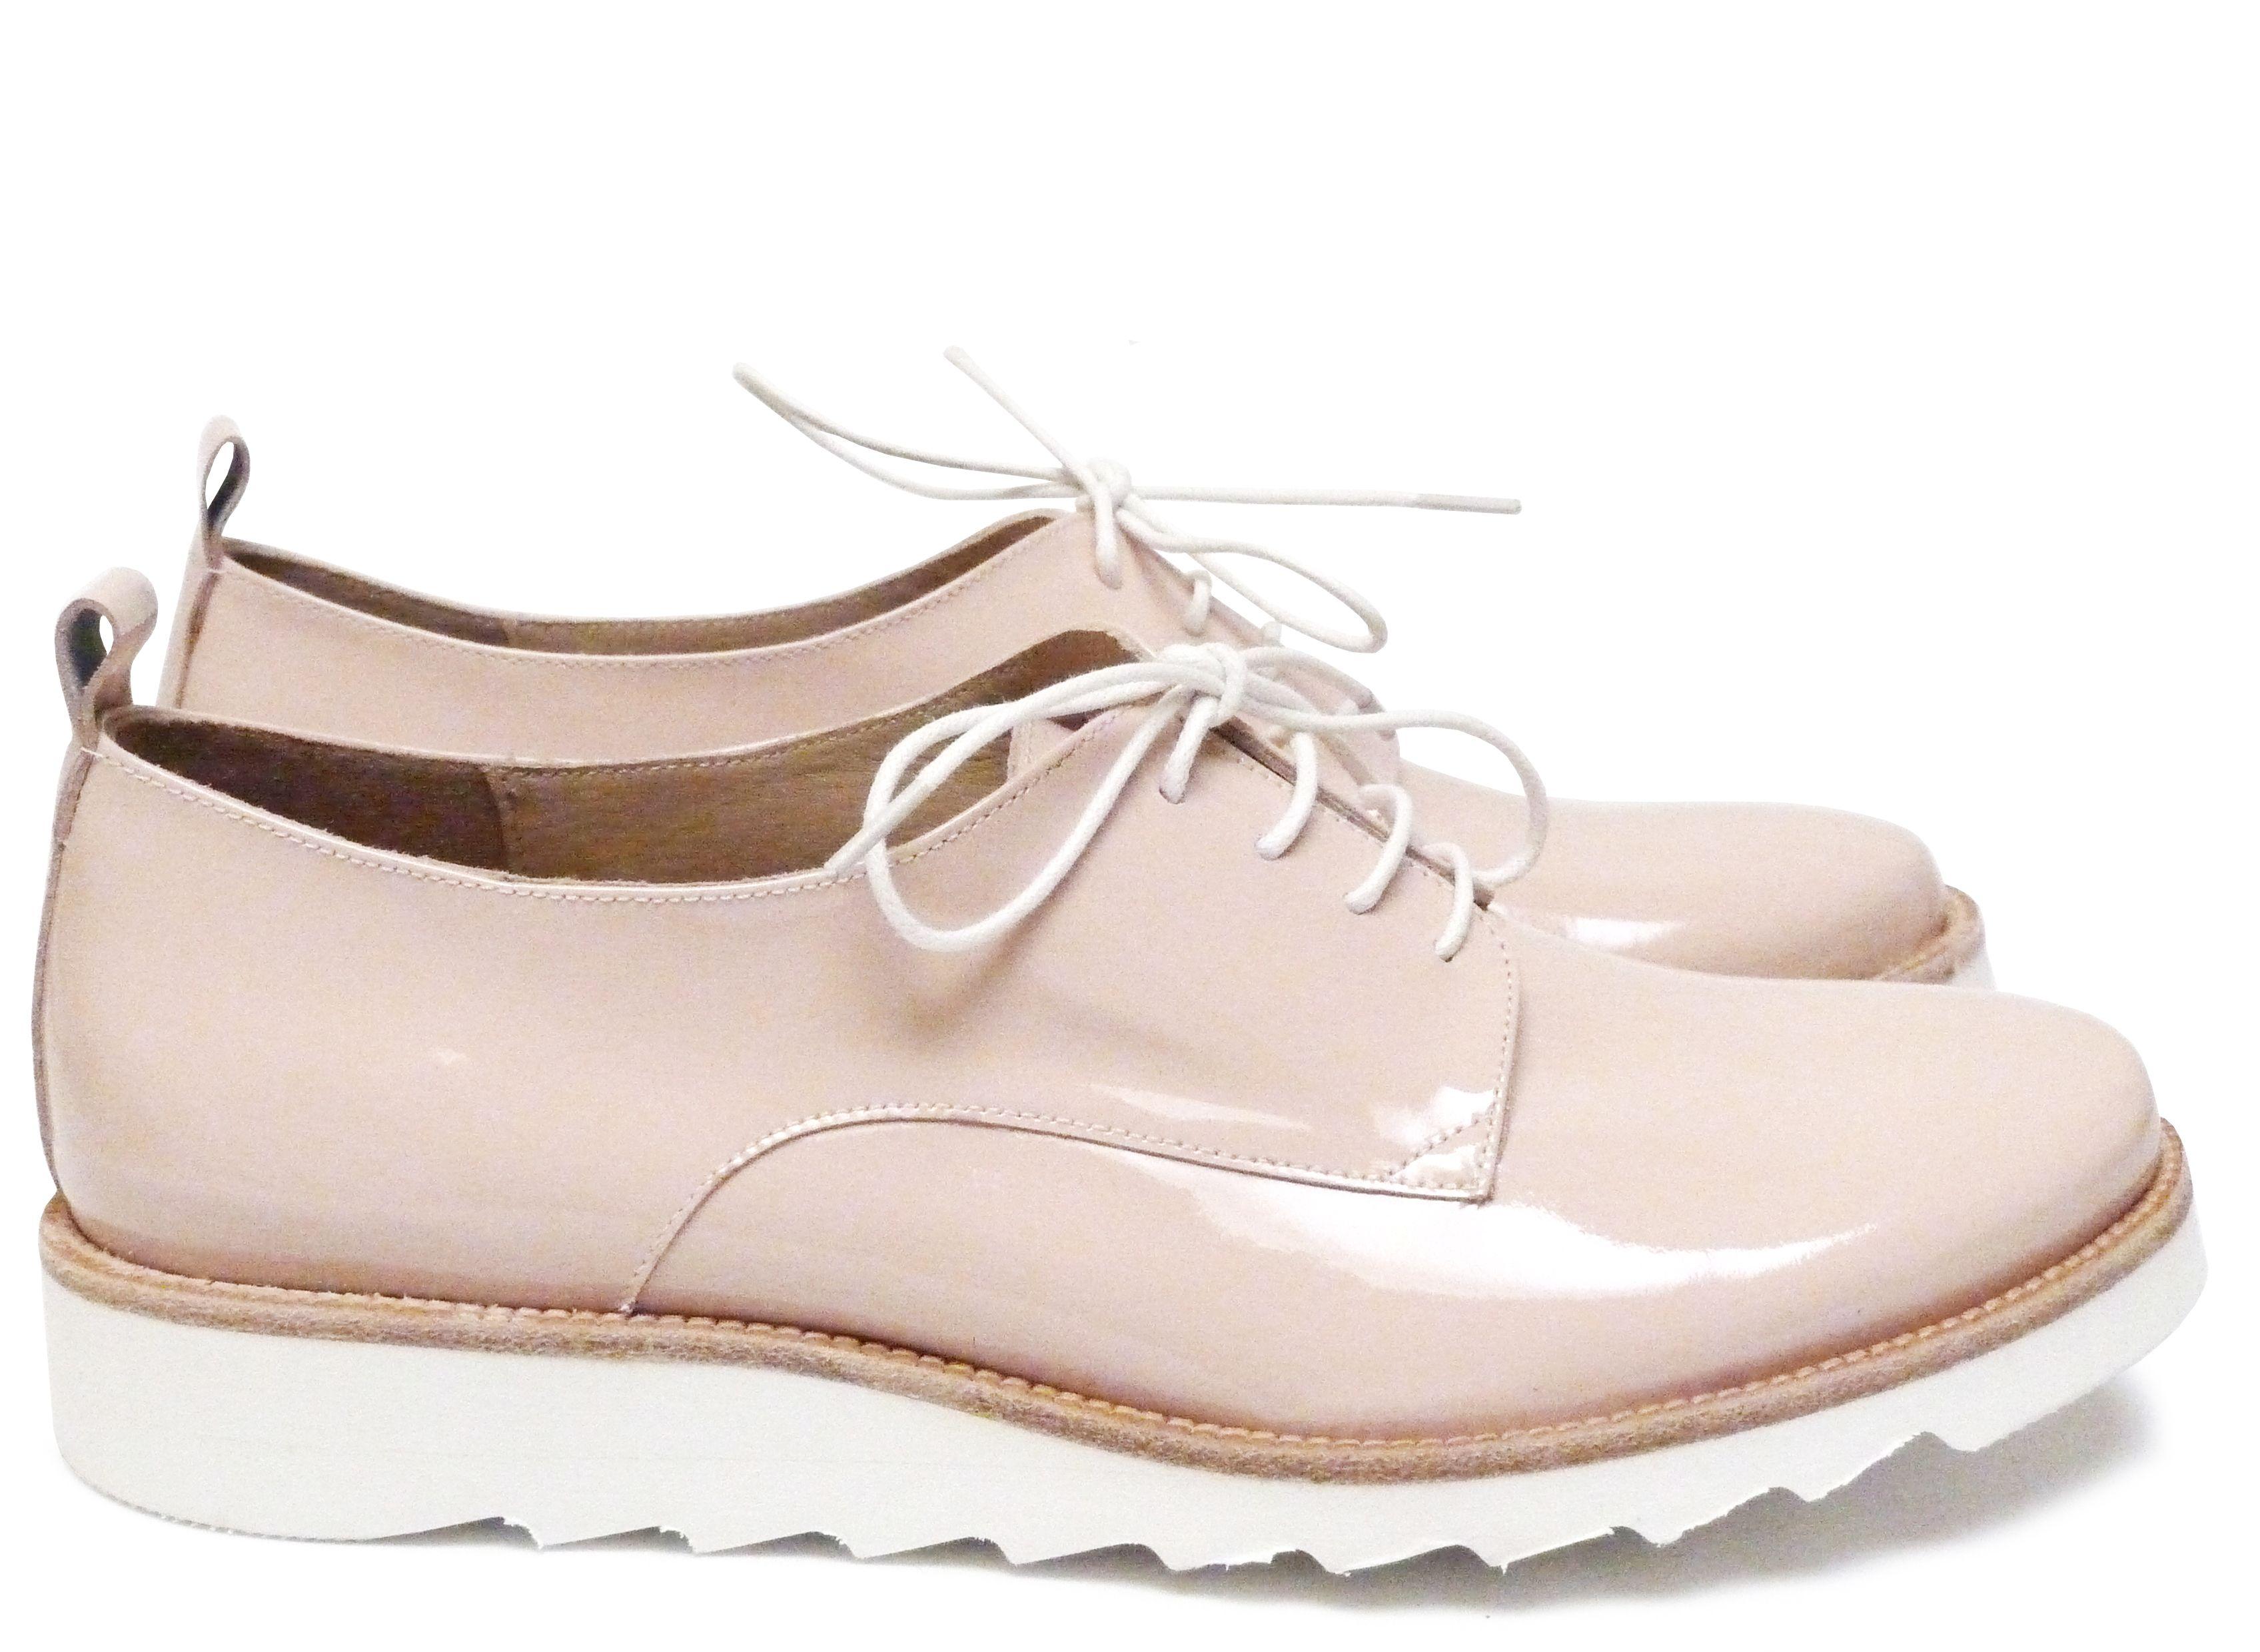 Maurice 2015 Derby Chaussures Femme Printemps Eté Manufacture TcKluF1J3